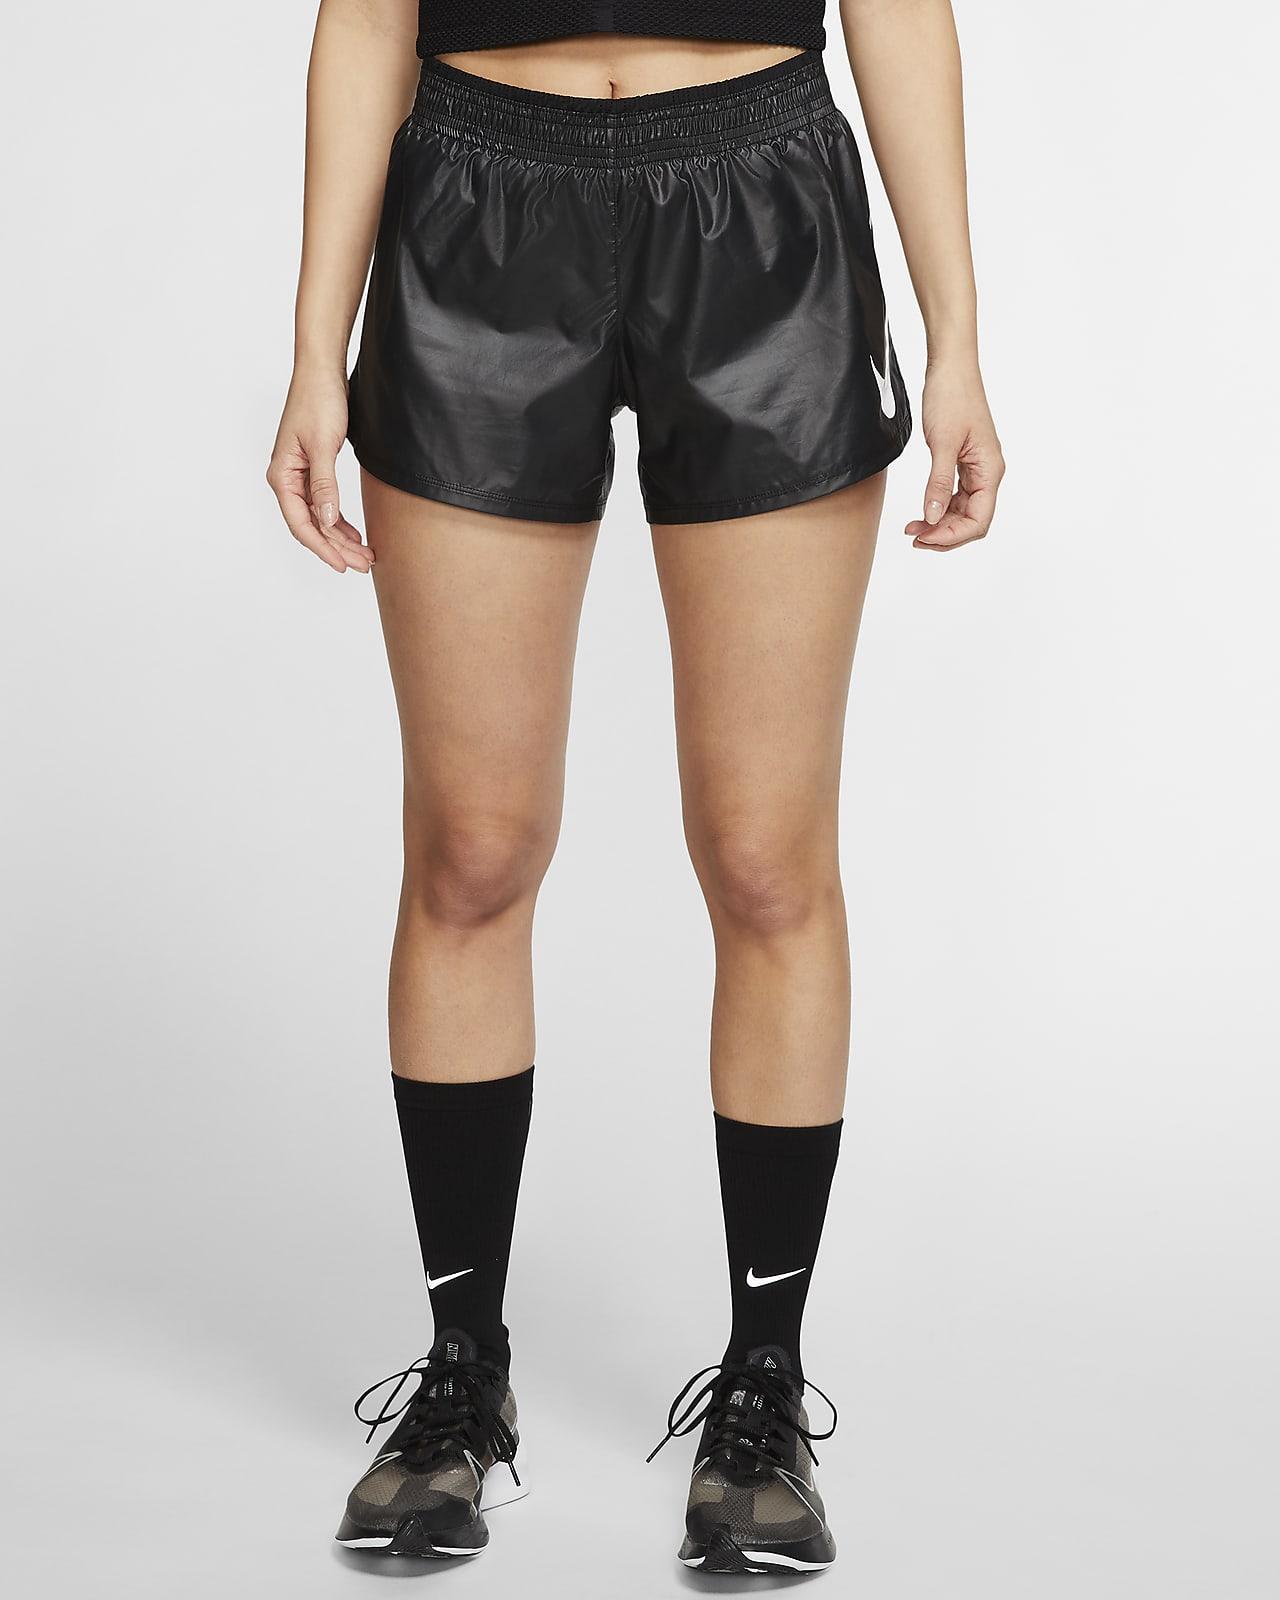 กางเกงวิ่งขาสั้นผู้หญิง Nike